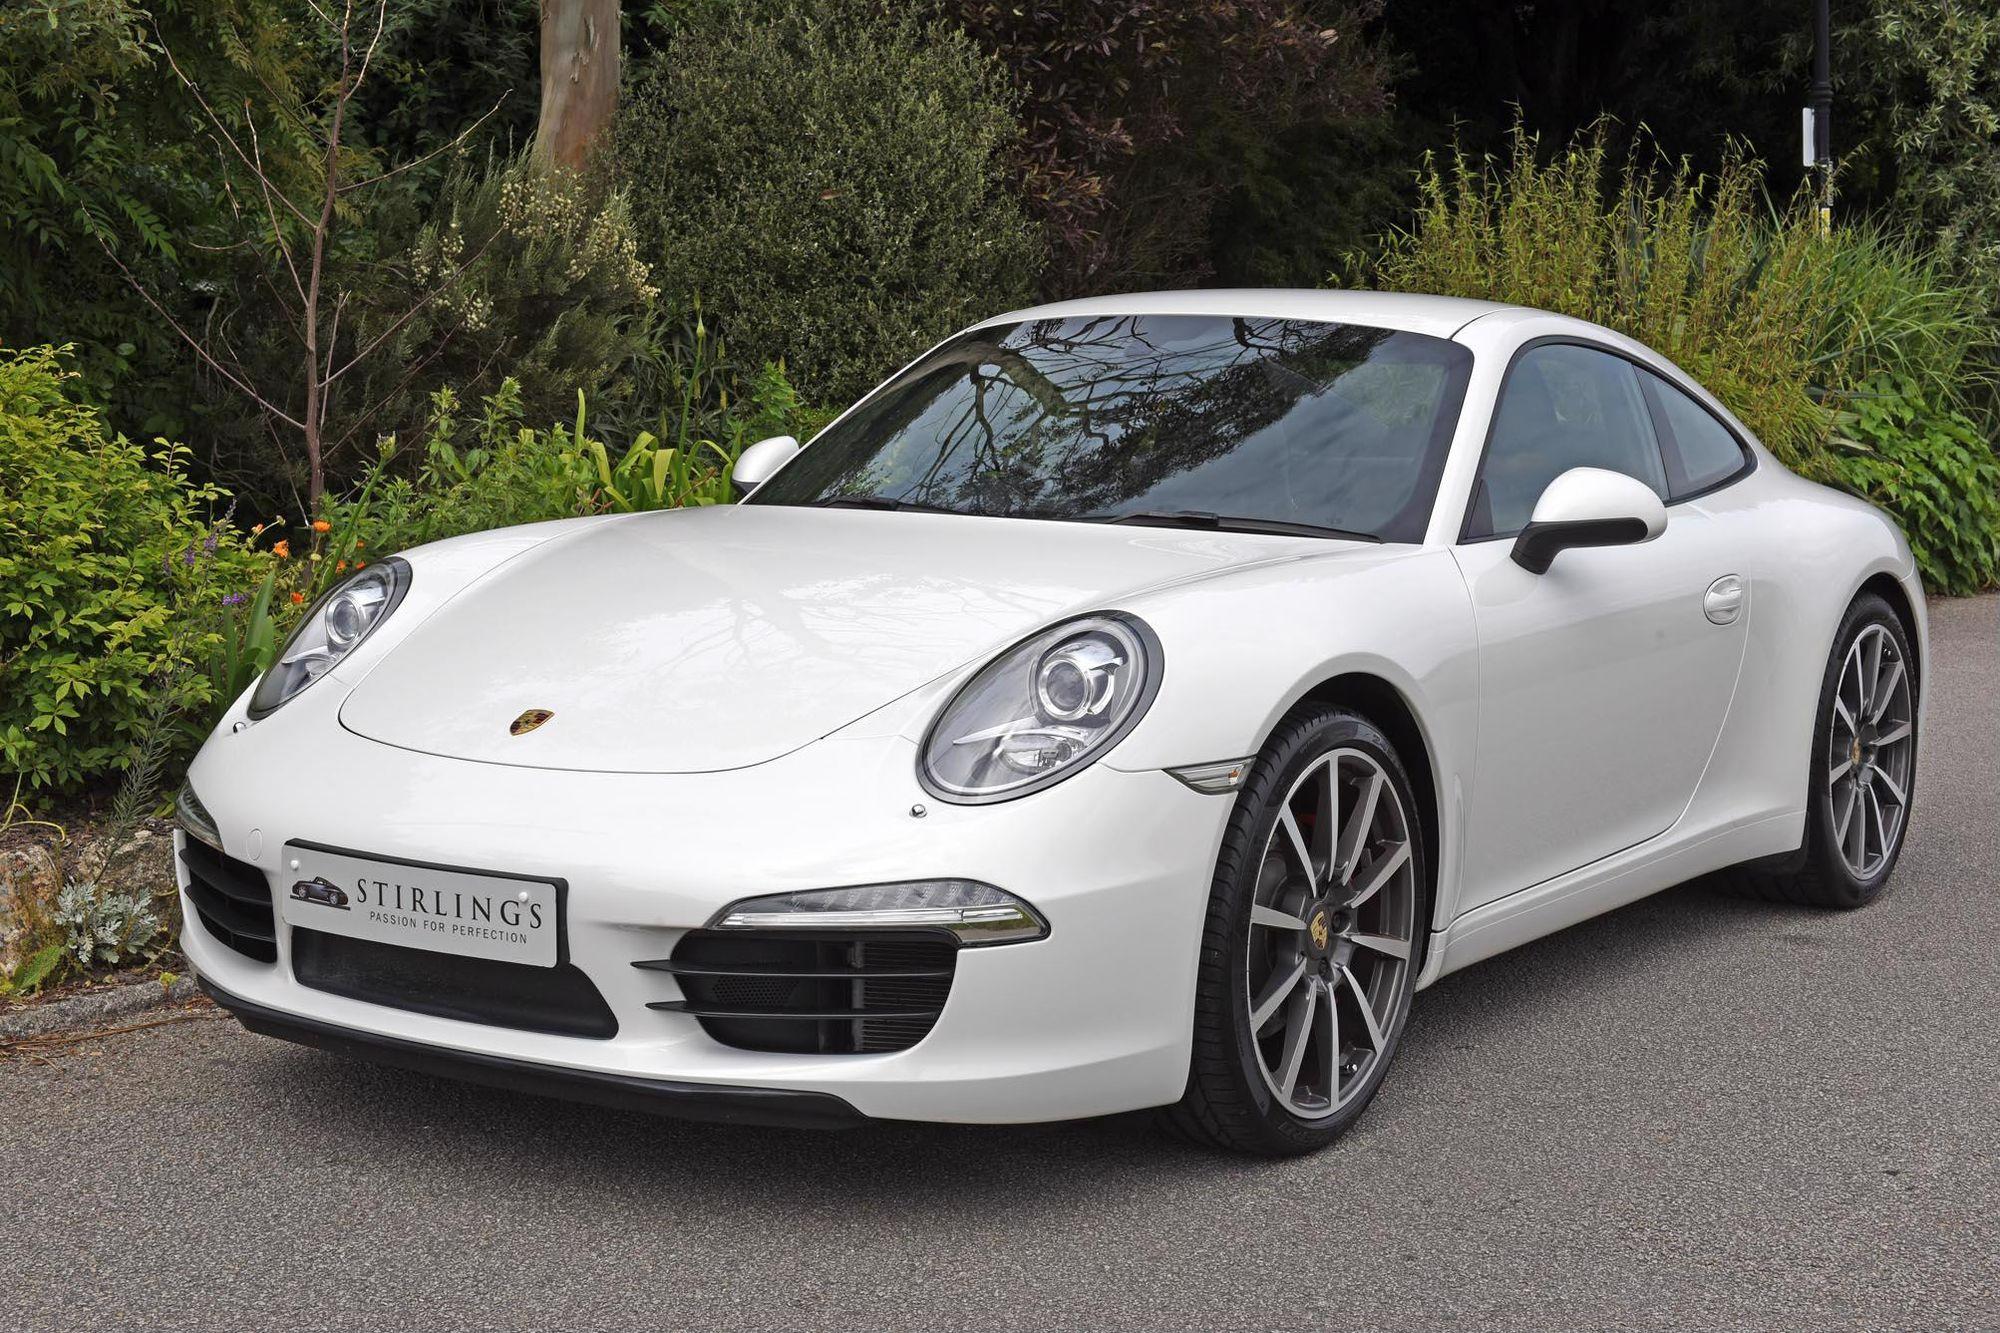 2012 porsche 911 991 carrera s pdk 12 800 miles sale agreed for sale stirlings. Black Bedroom Furniture Sets. Home Design Ideas